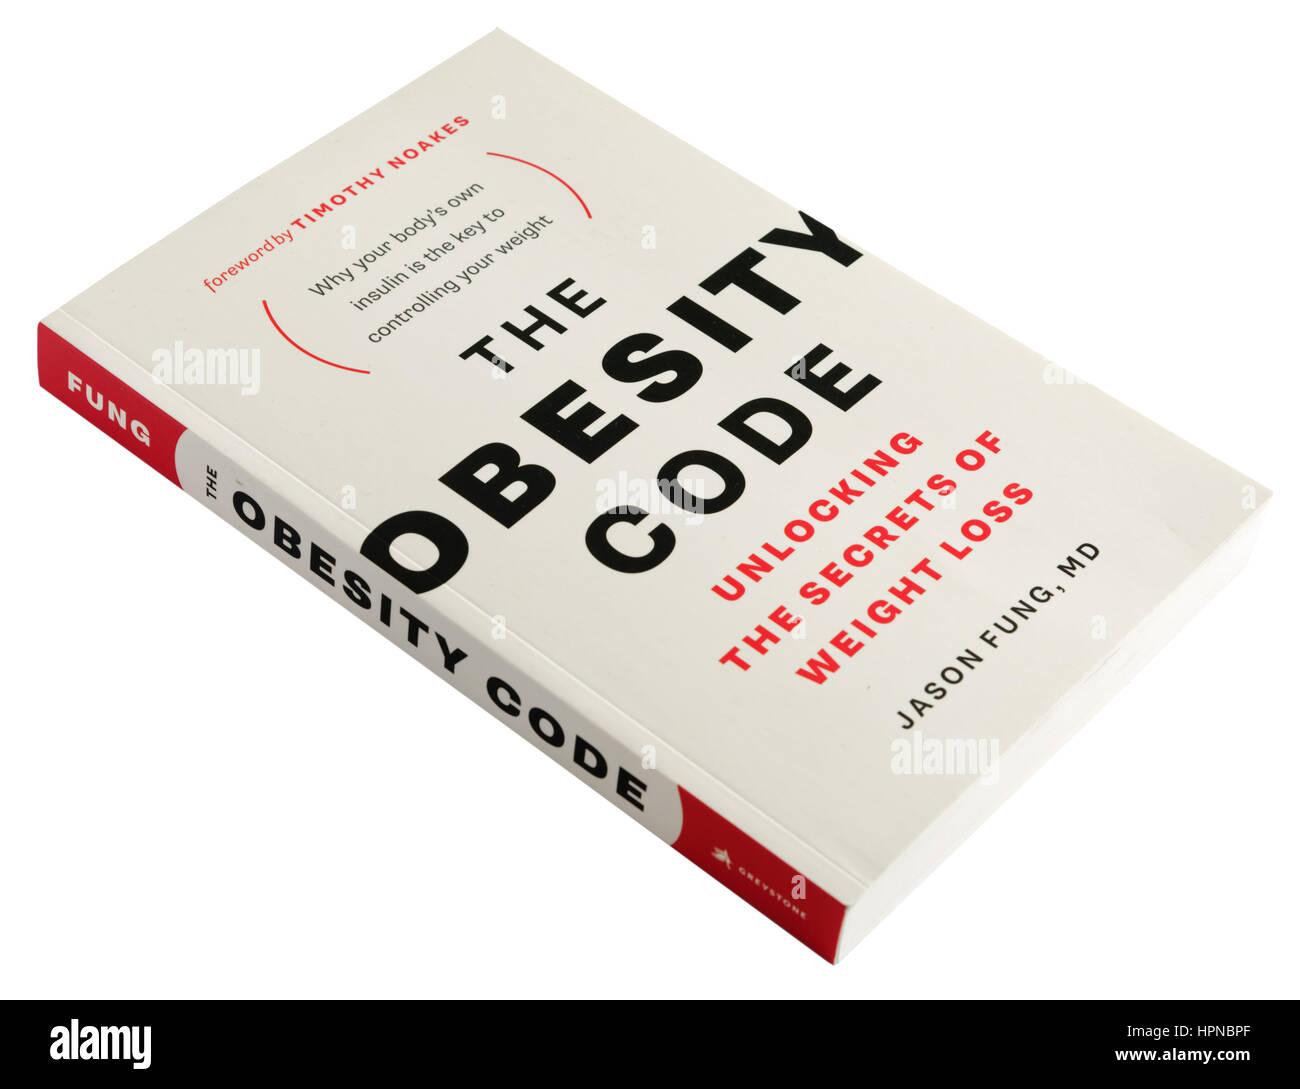 La Obesidad Código por Jason Fung Imagen De Stock